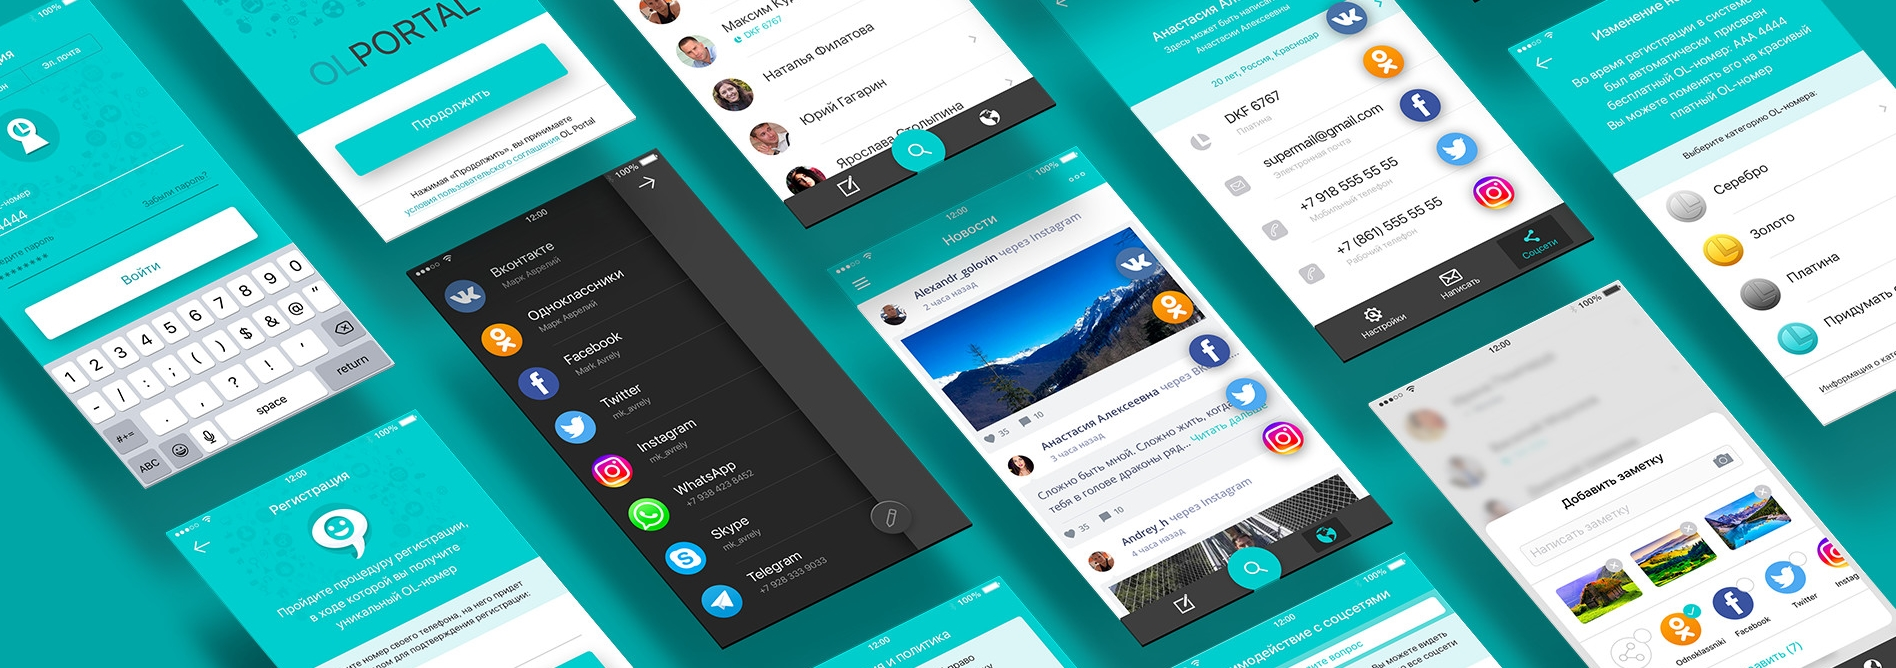 Вход во все социальные сети с одного Android смартфона